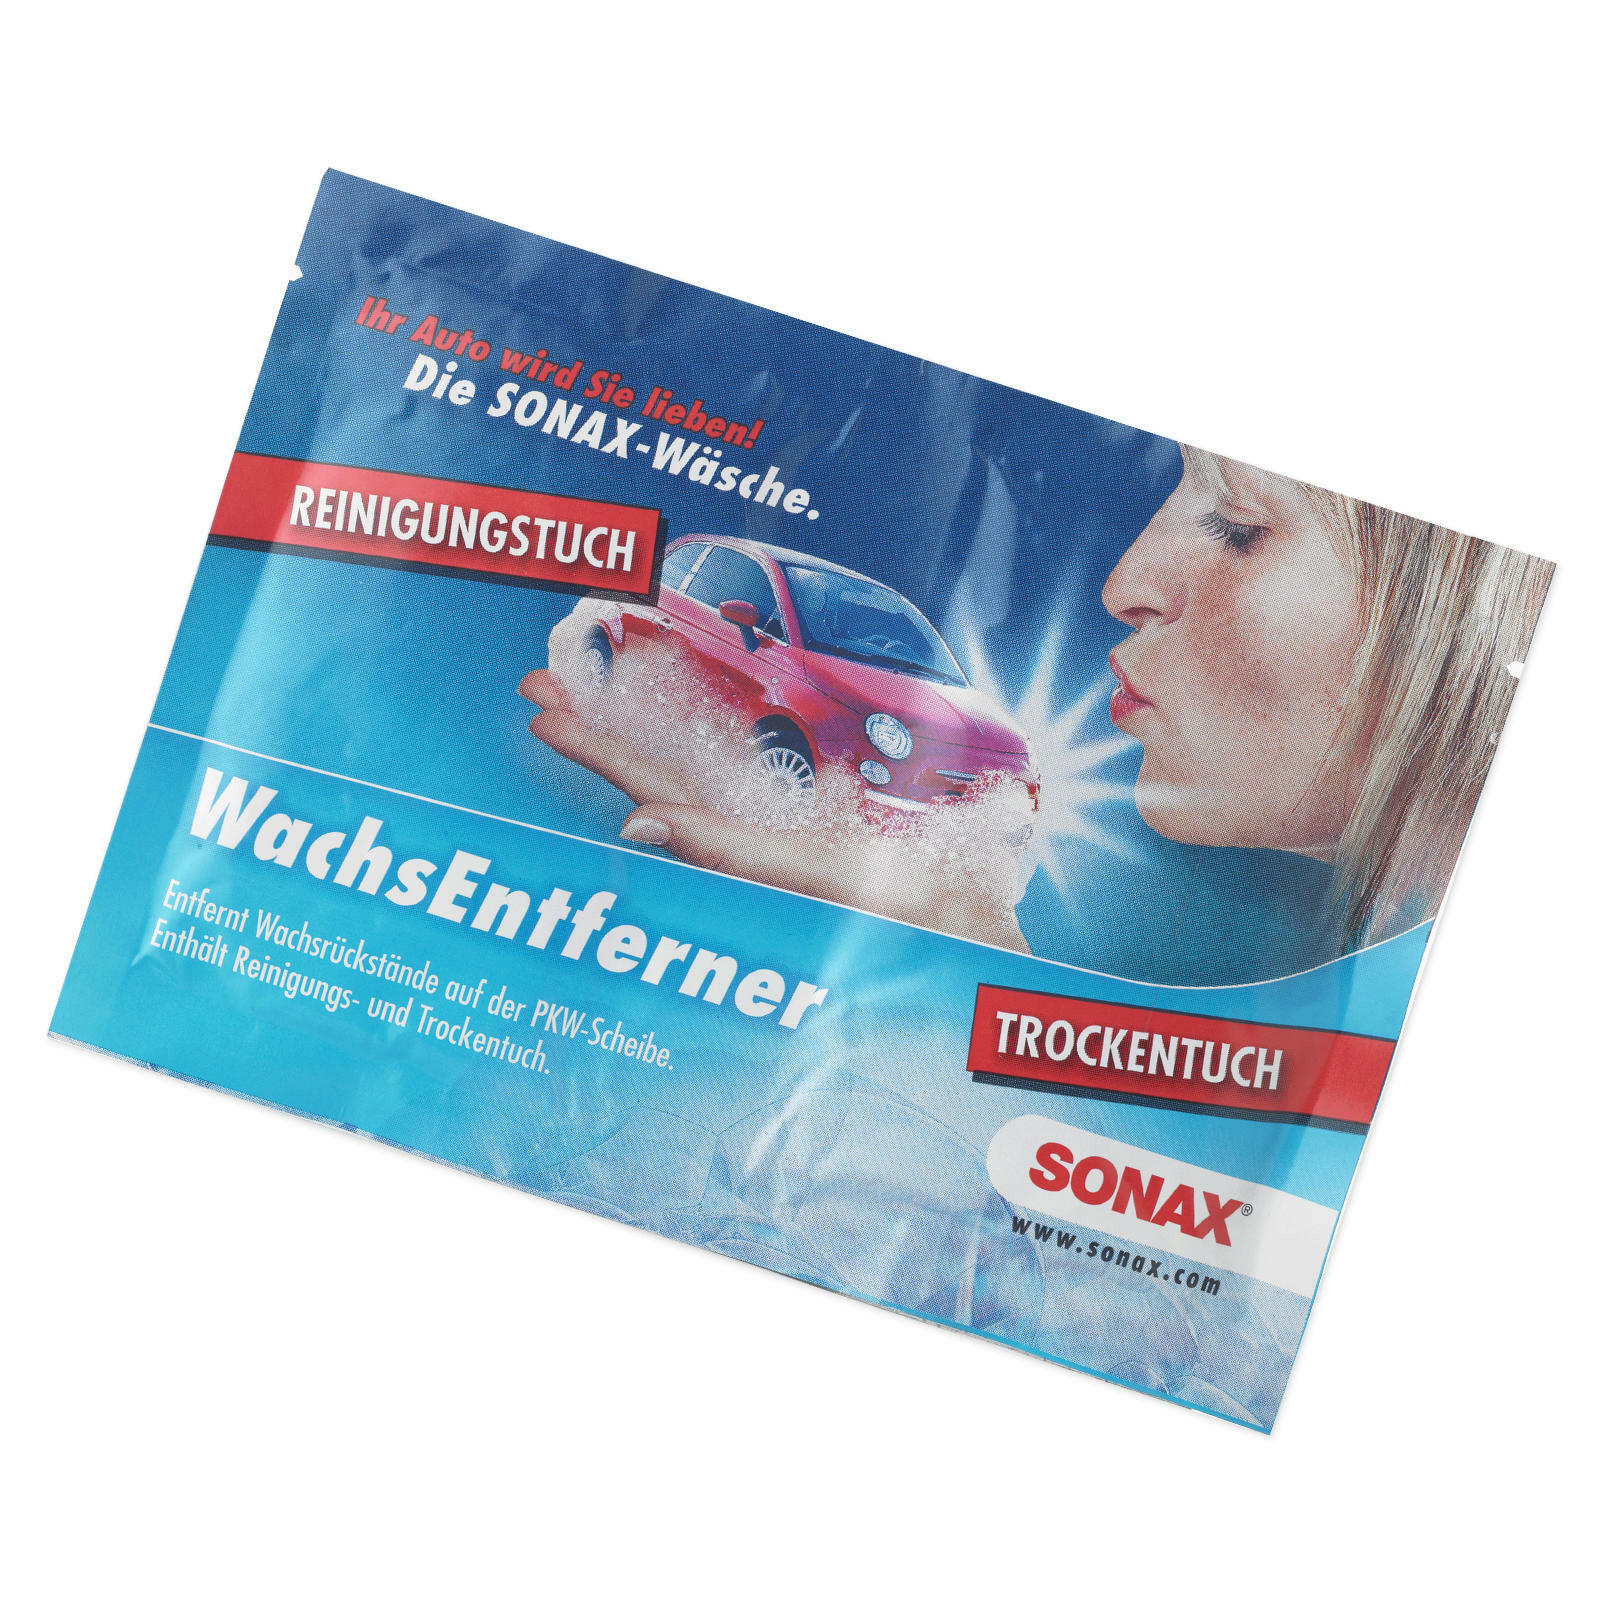 SONAX WachsEntfernerTücher